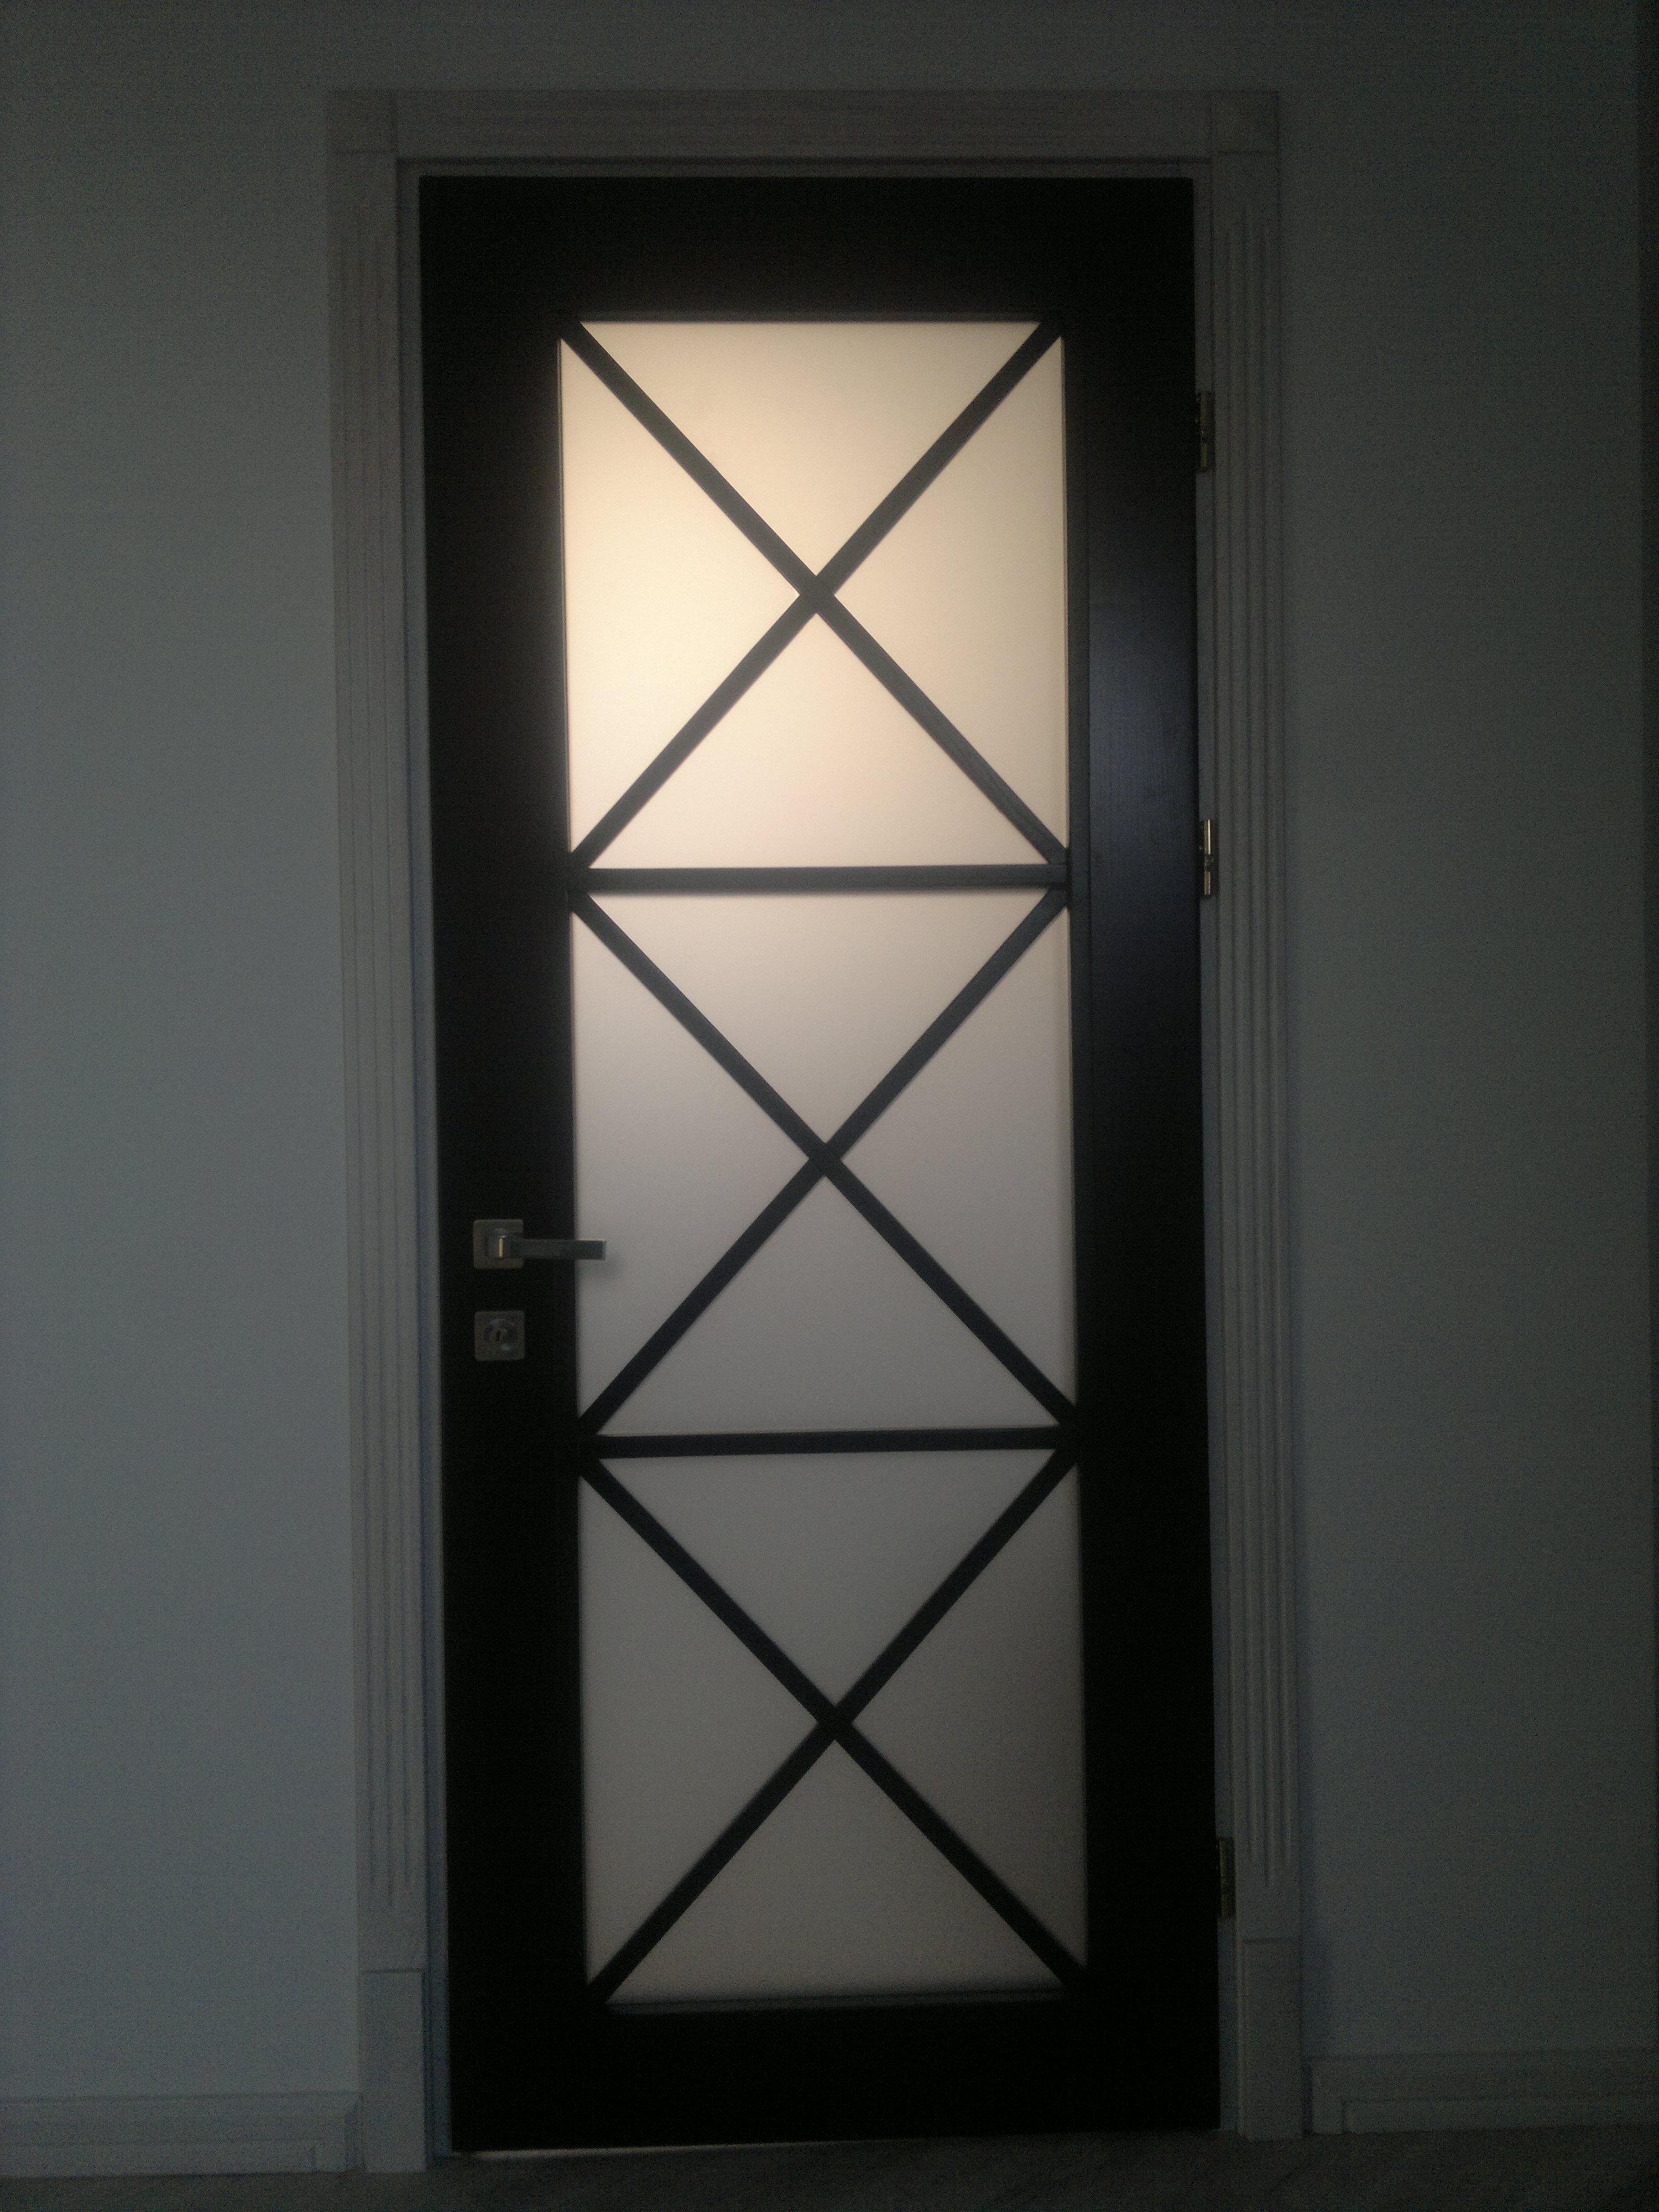 Міжкімнатні дерев'яні двері (зі склом) замовити в інтернет-магазині